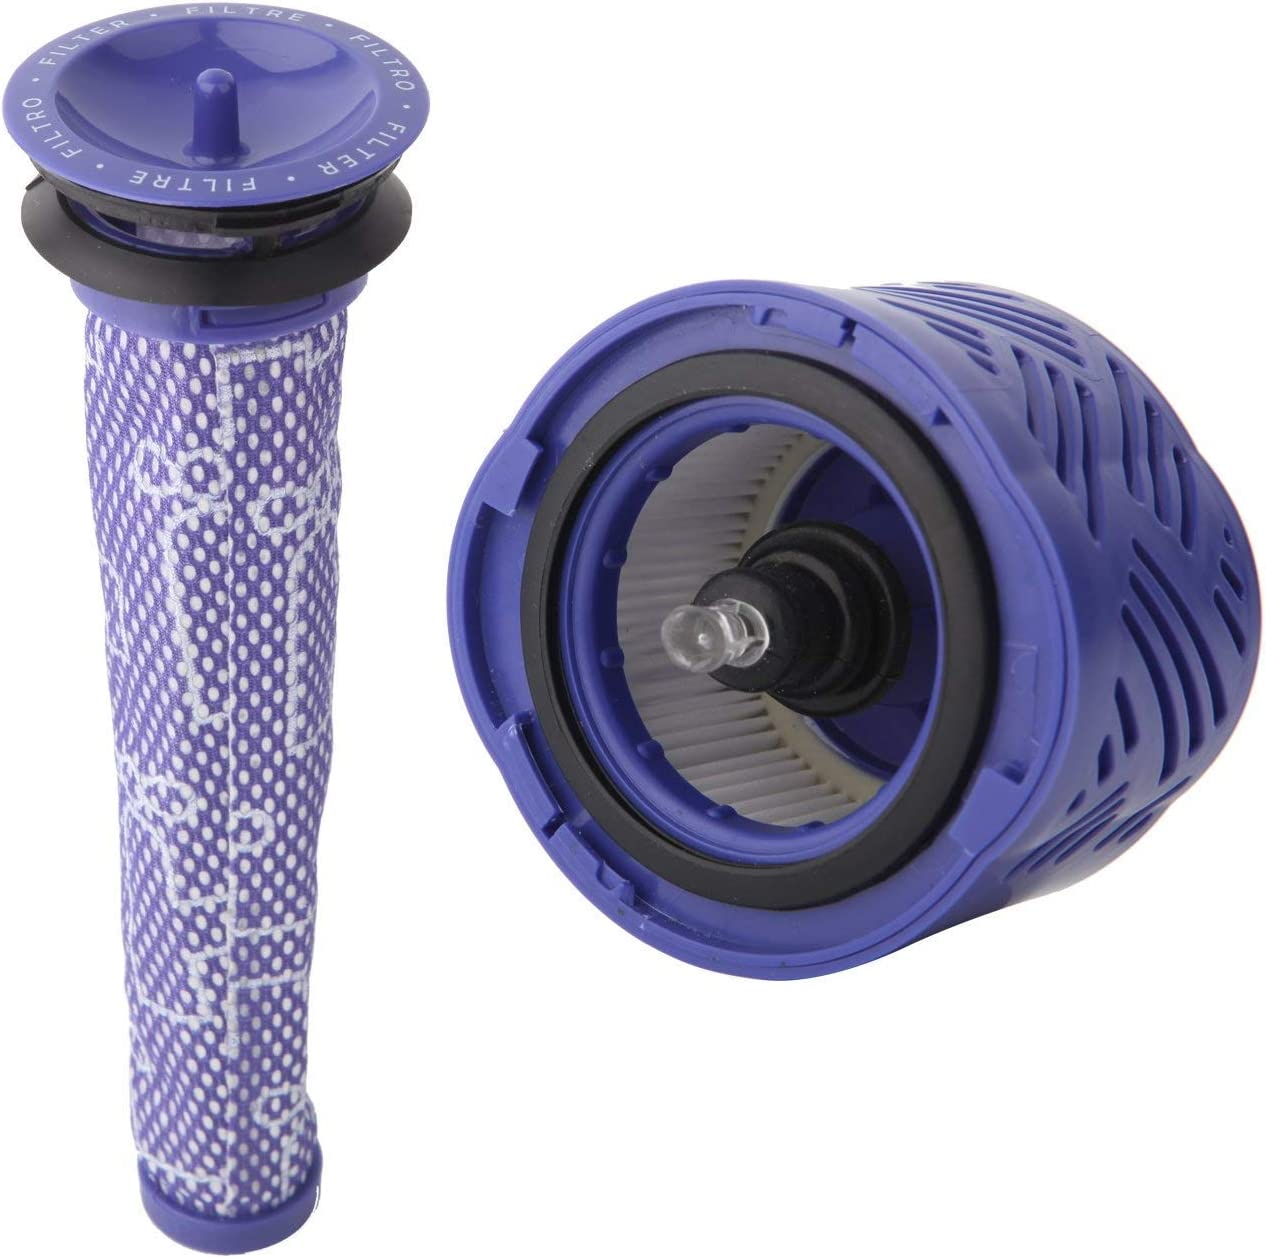 SODIAL 1 Pré Filtre Et 1 Kit De Filtres Hepa pour Dyson V6 Absolute sans Fil Stick Aspirateur. Remplace La Pièce 965661 01 Et 966741 01